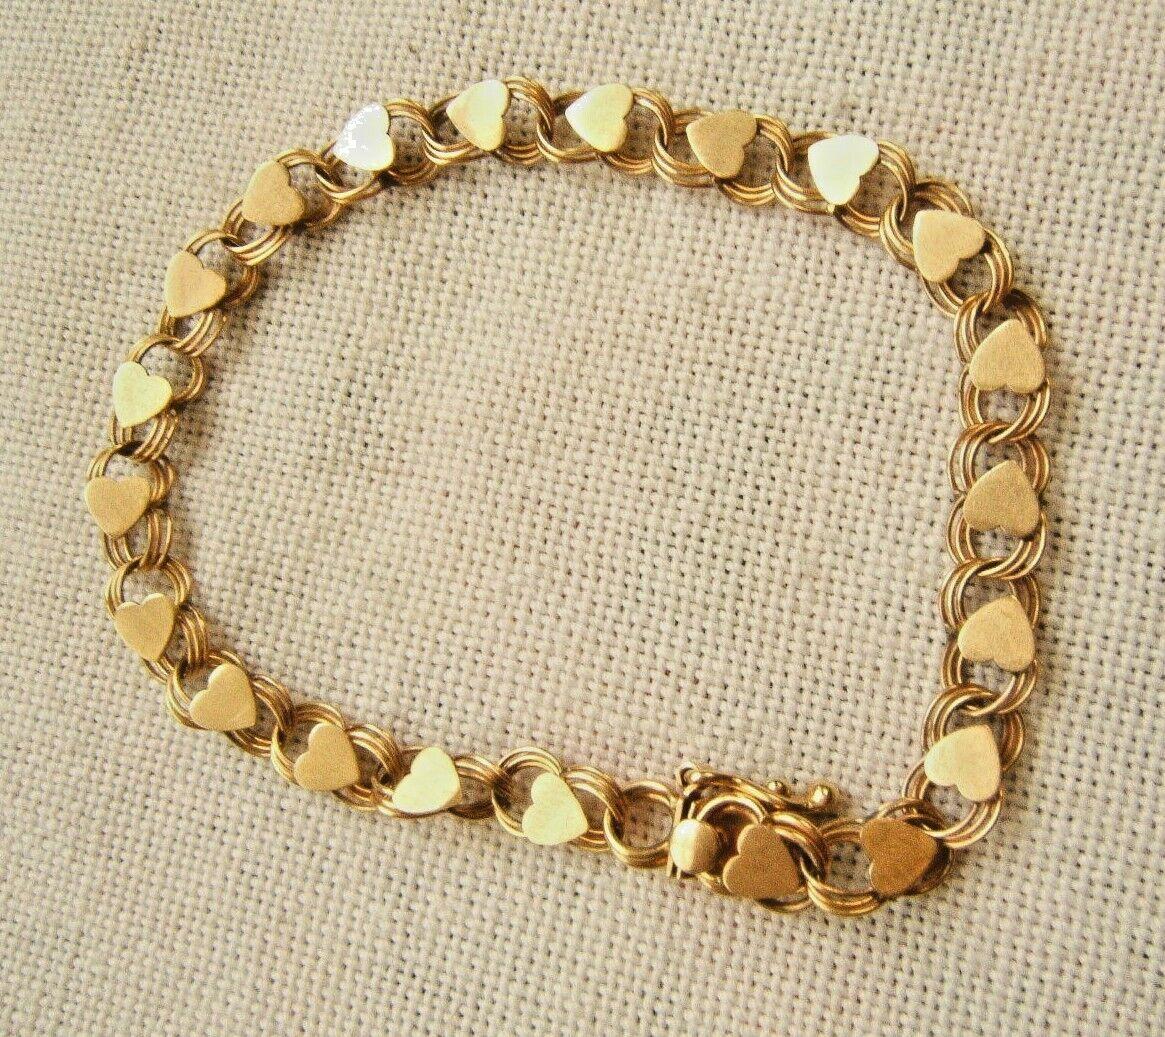 14K gold CHRAM BRACELET WITH HEARTS